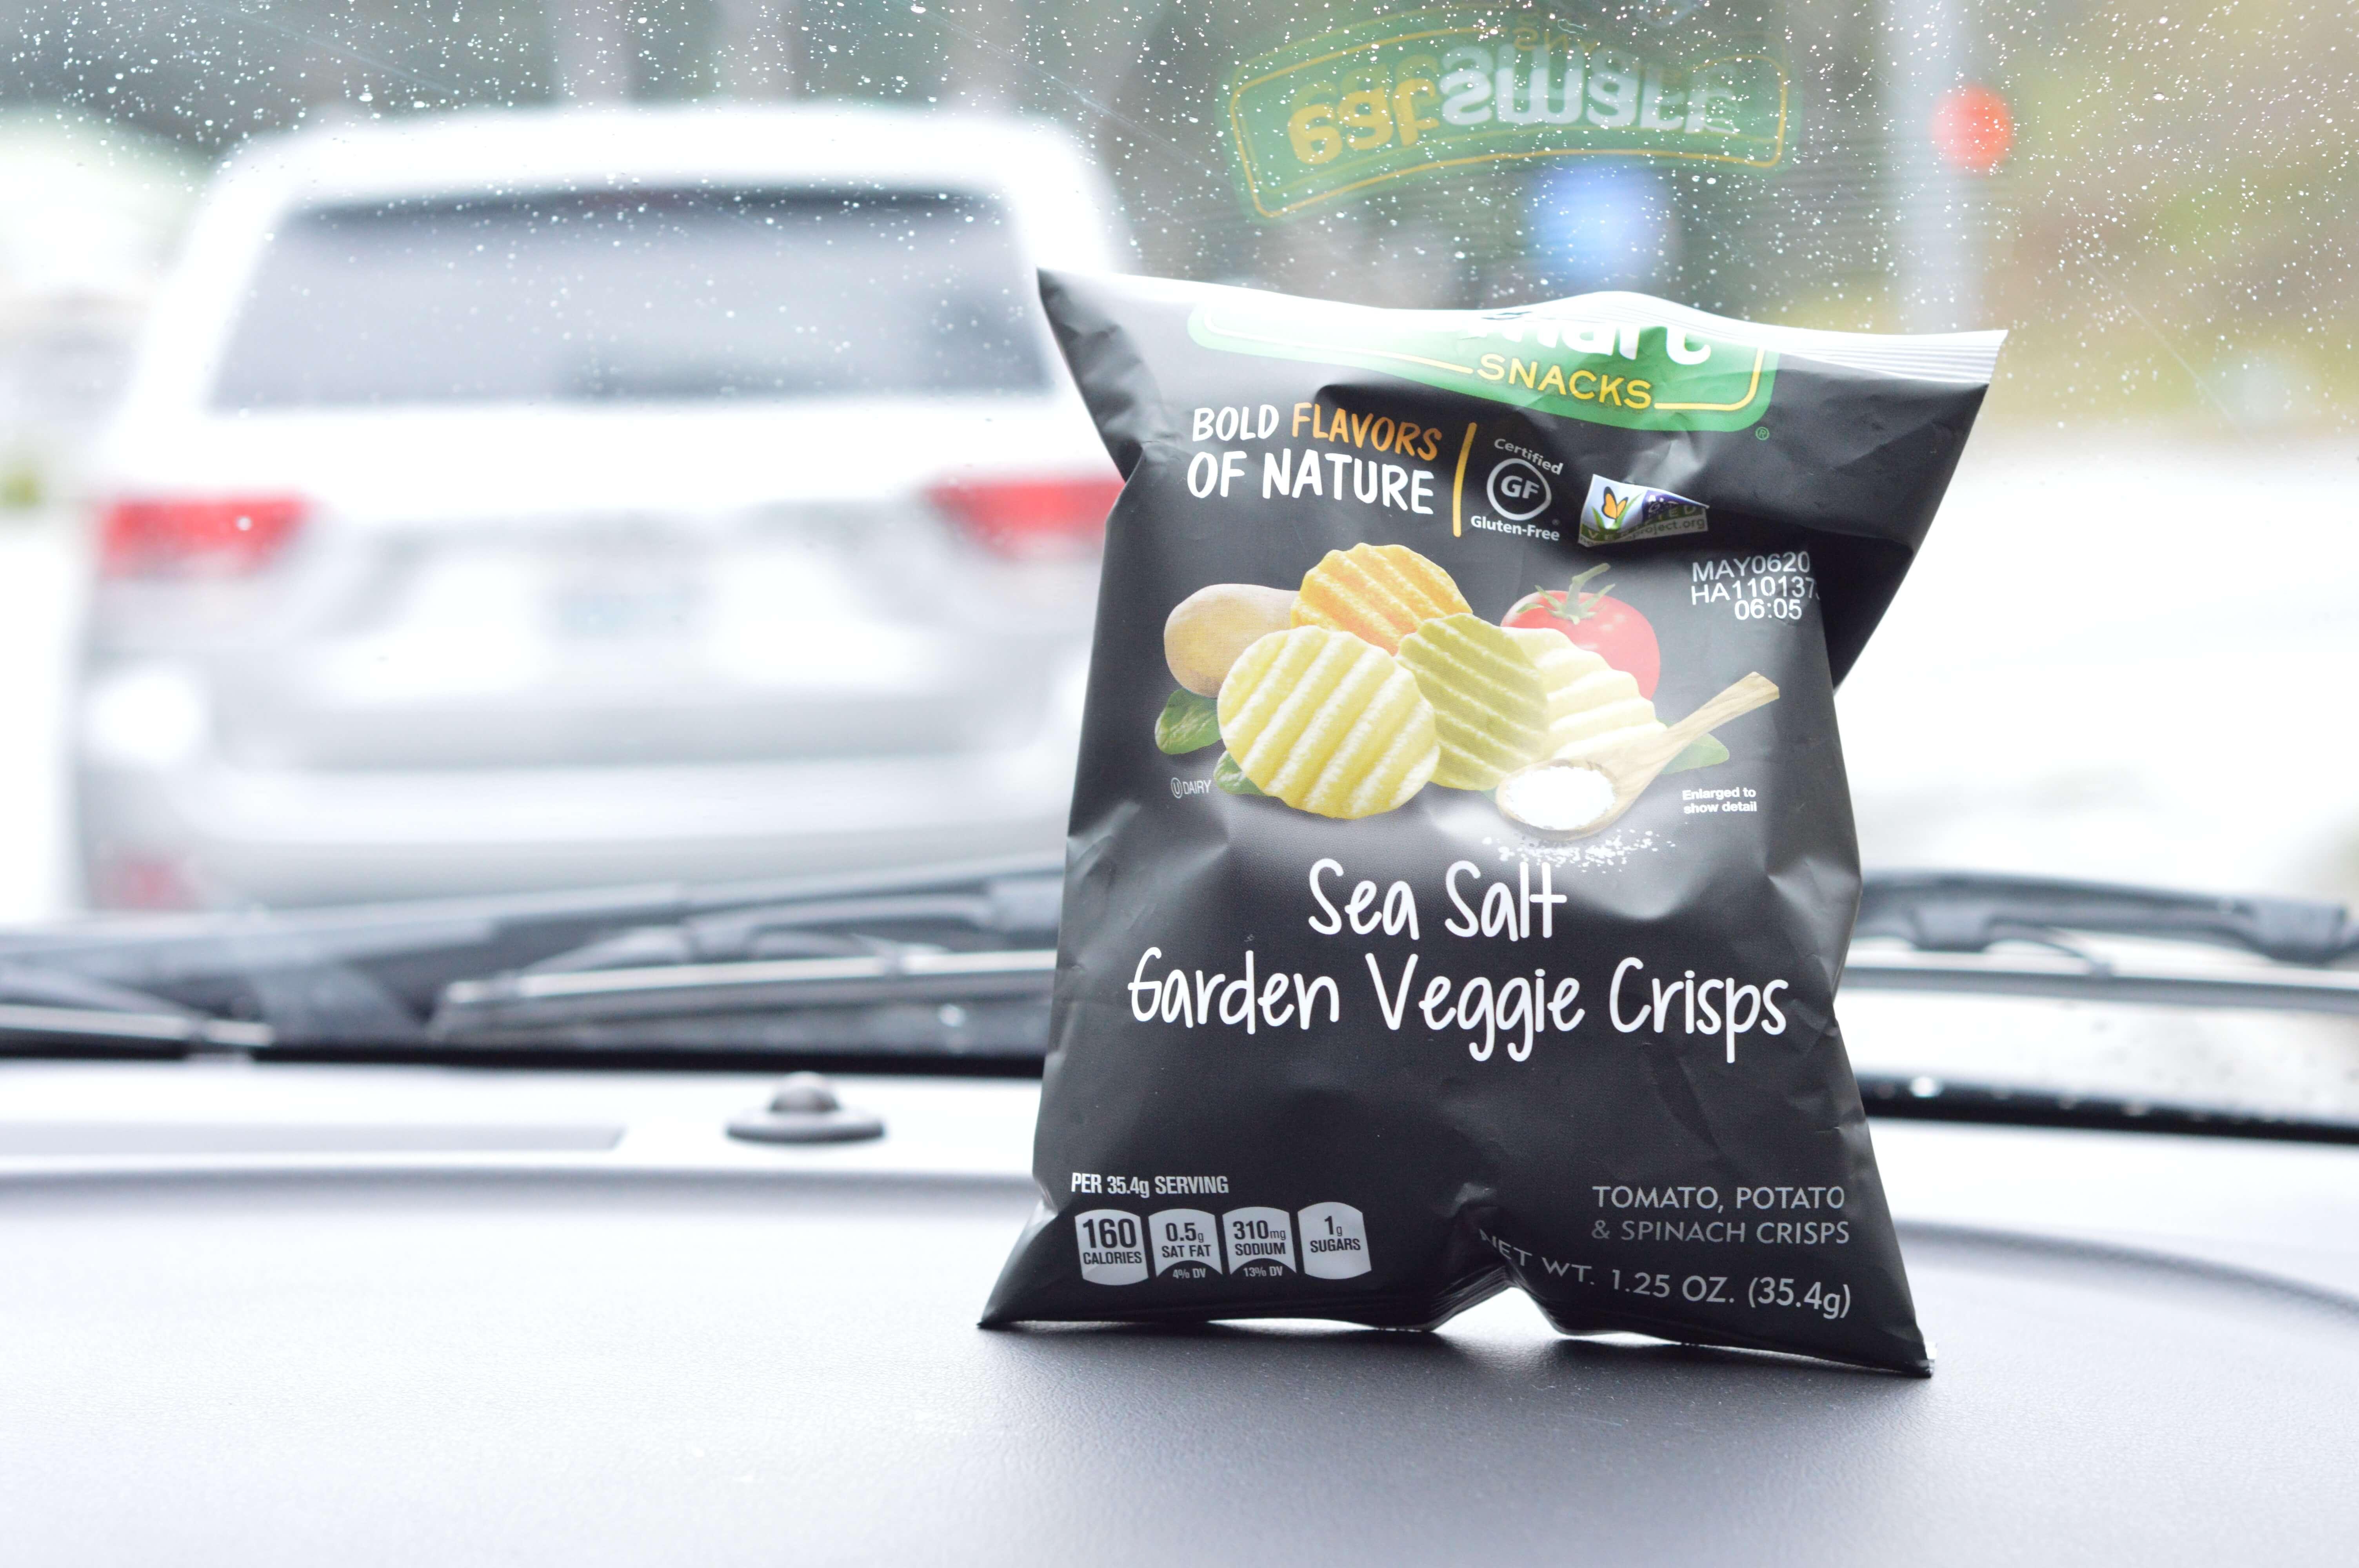 Eatsmart Veggie Crisps